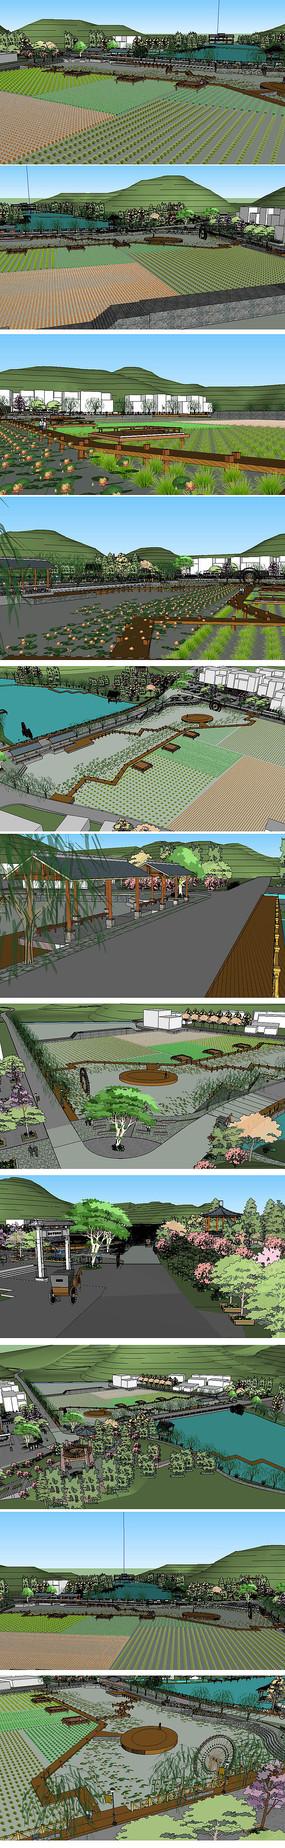 农业生态园景观草图大师模型